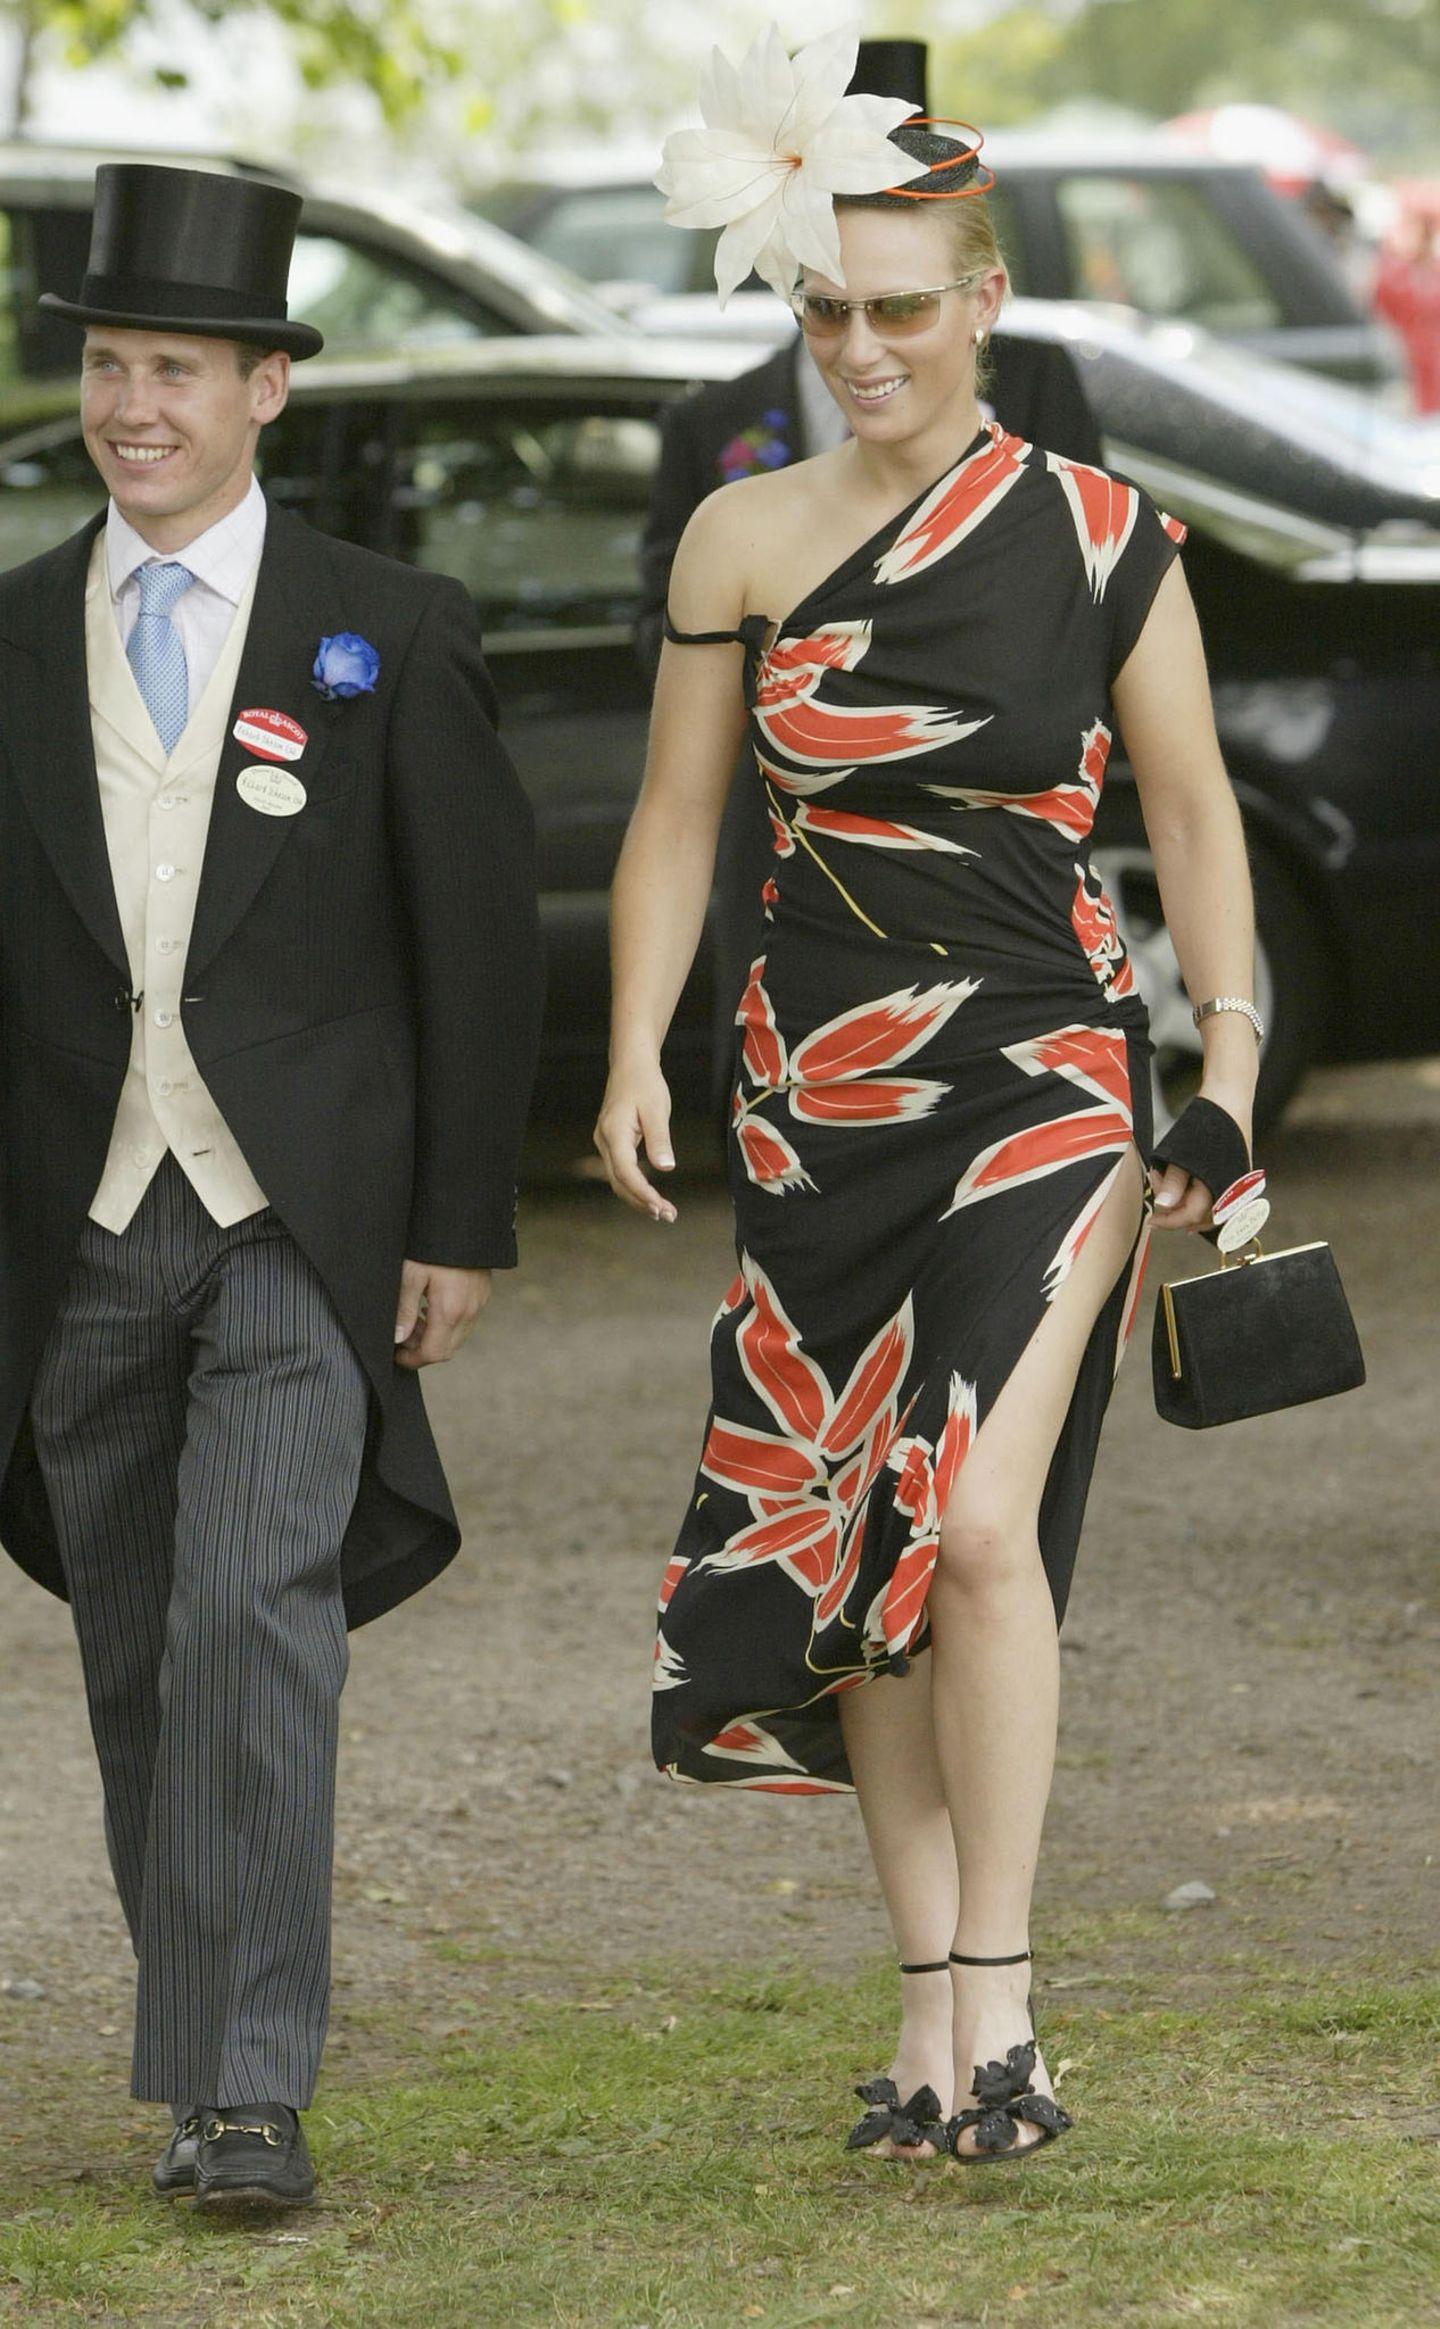 Skandalkleider der Royals: Zara Phillips mit Freund und Hut